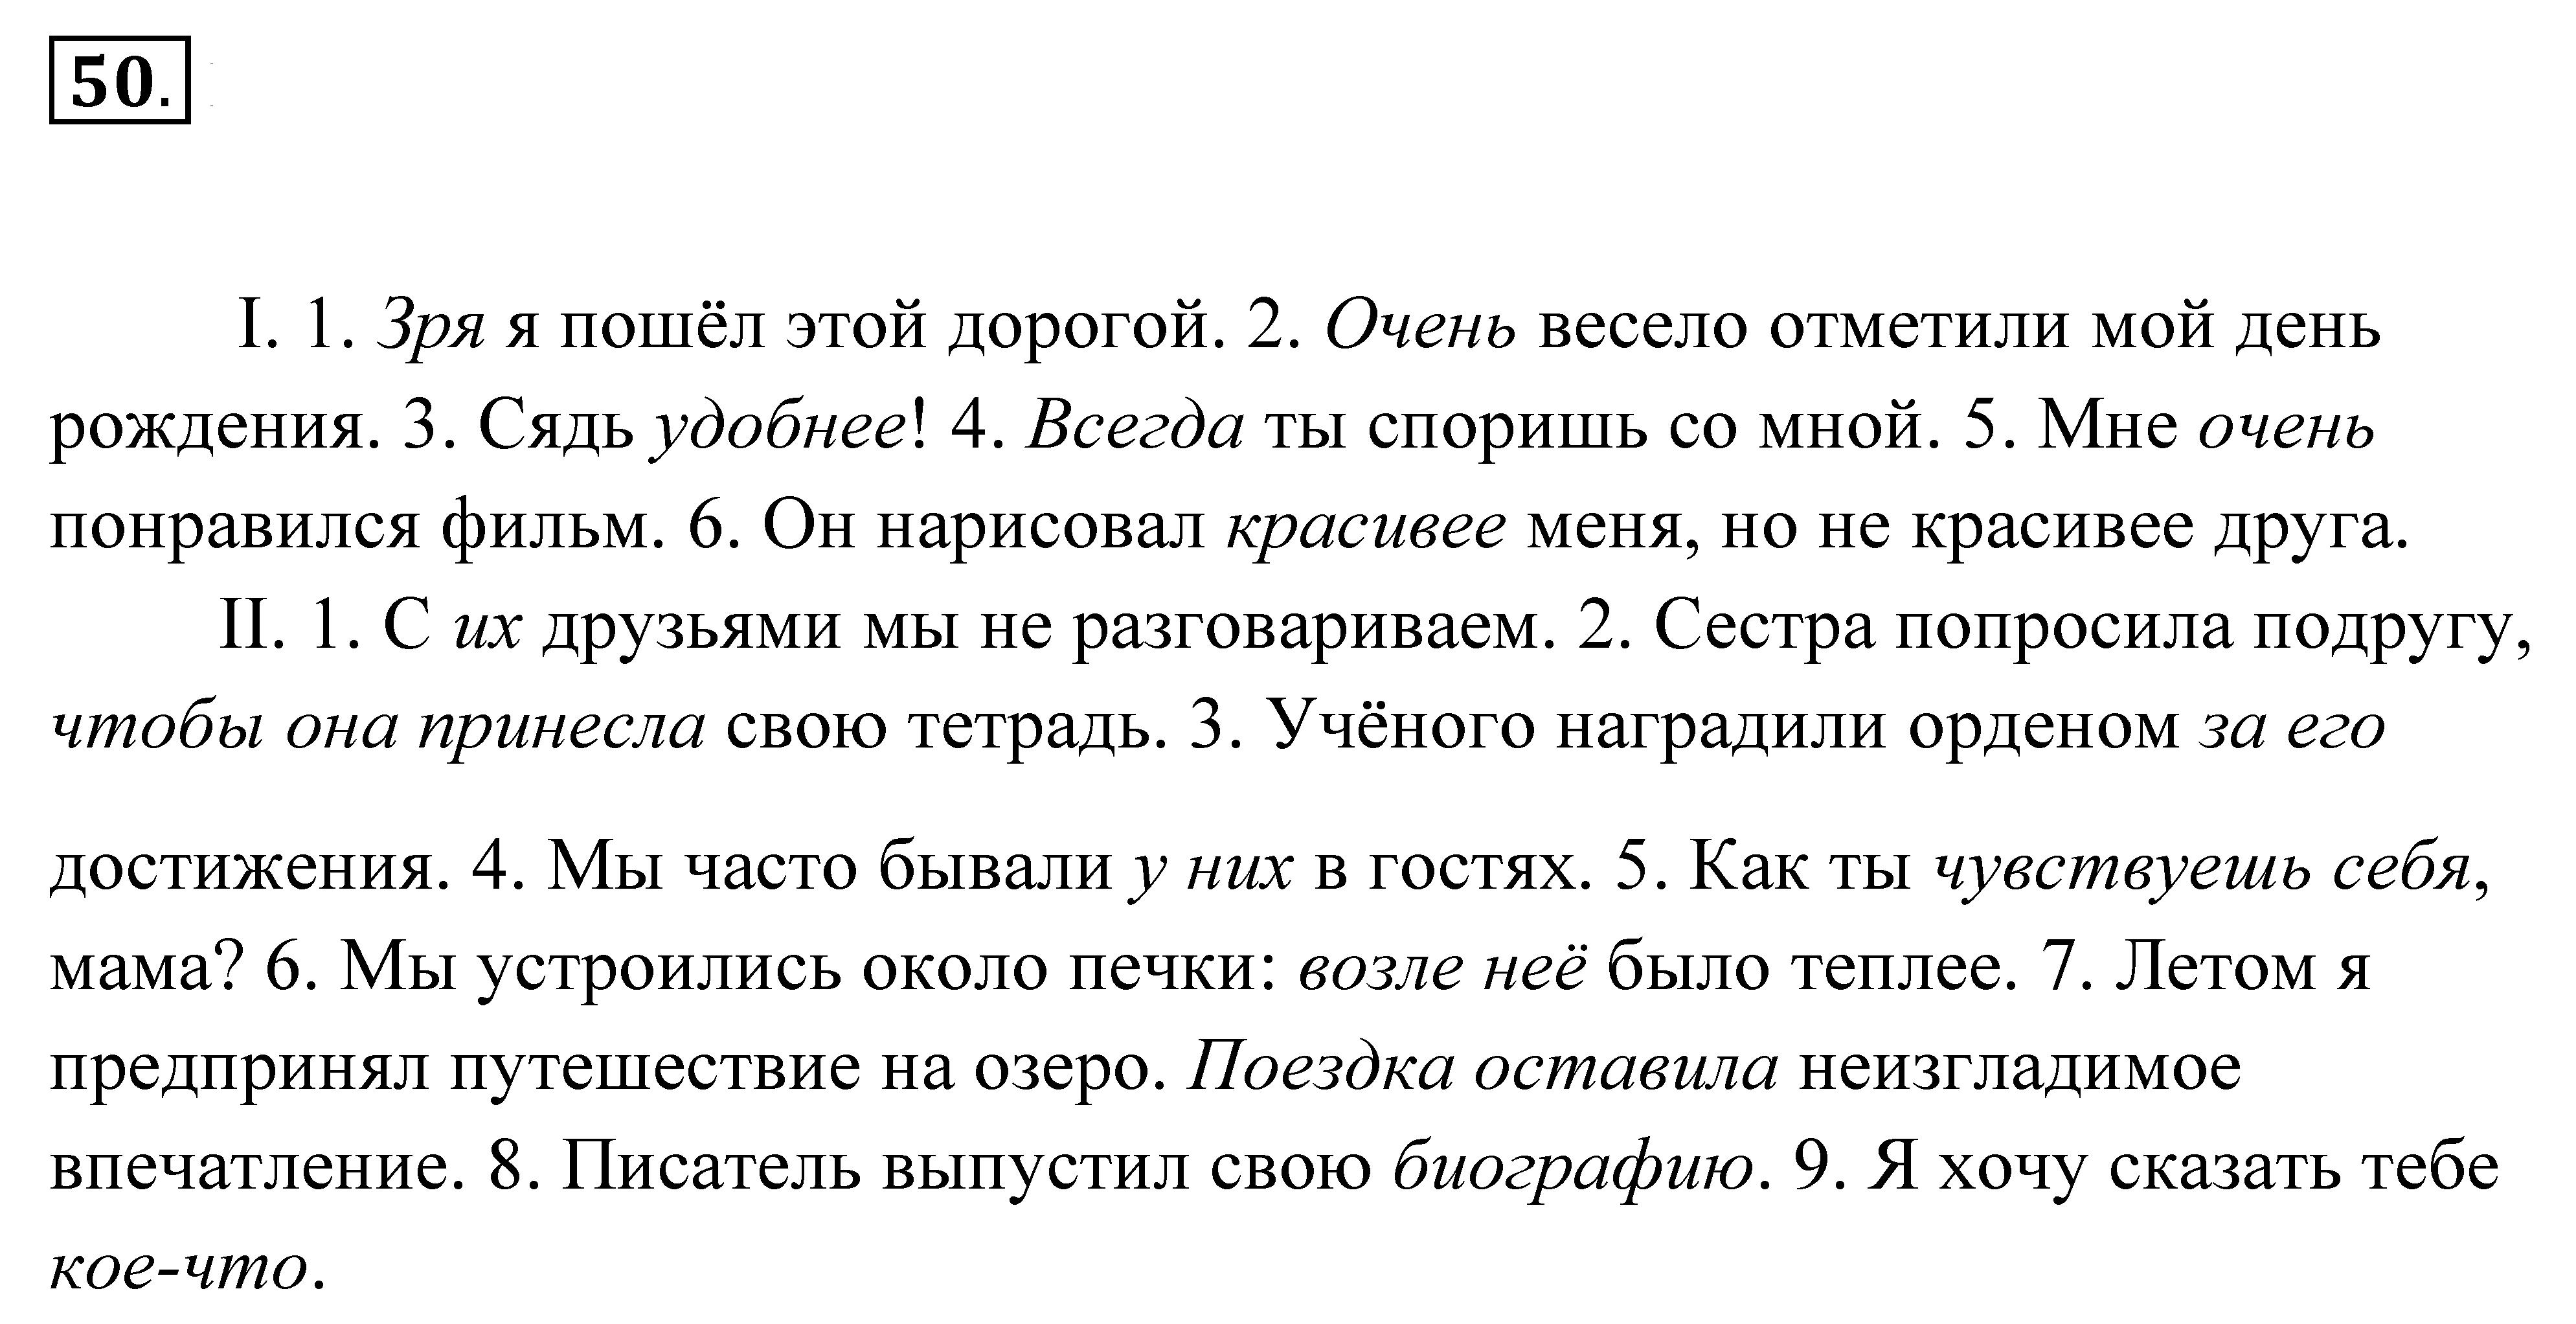 Гдз по русскому языку 7 класс пименова 208 номер